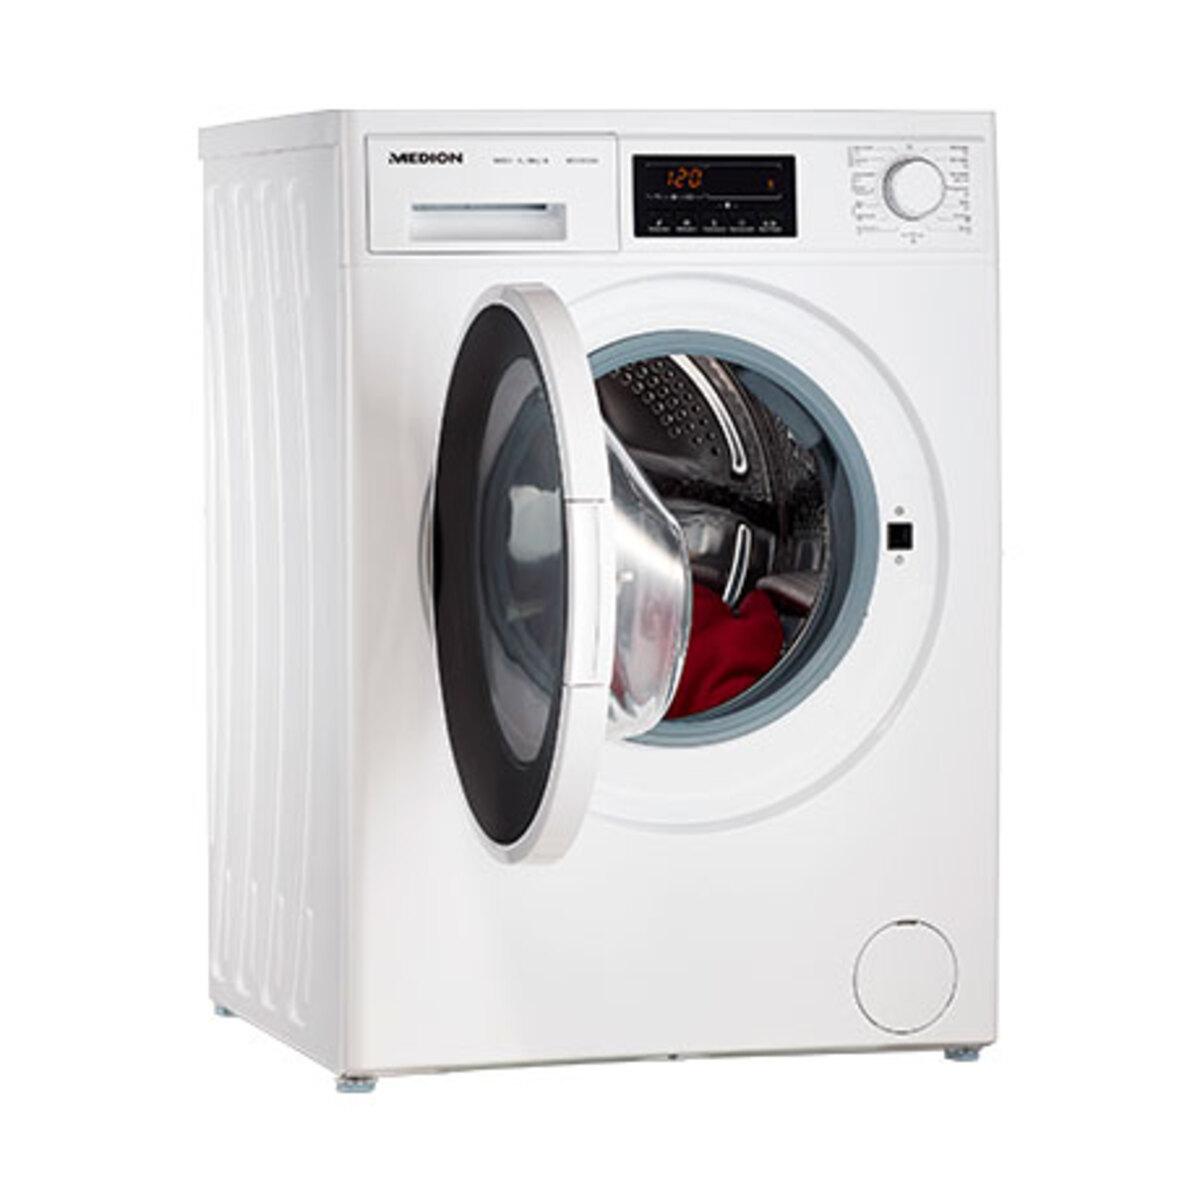 Bild 5 von MEDION®  Waschtrockner MD 37334